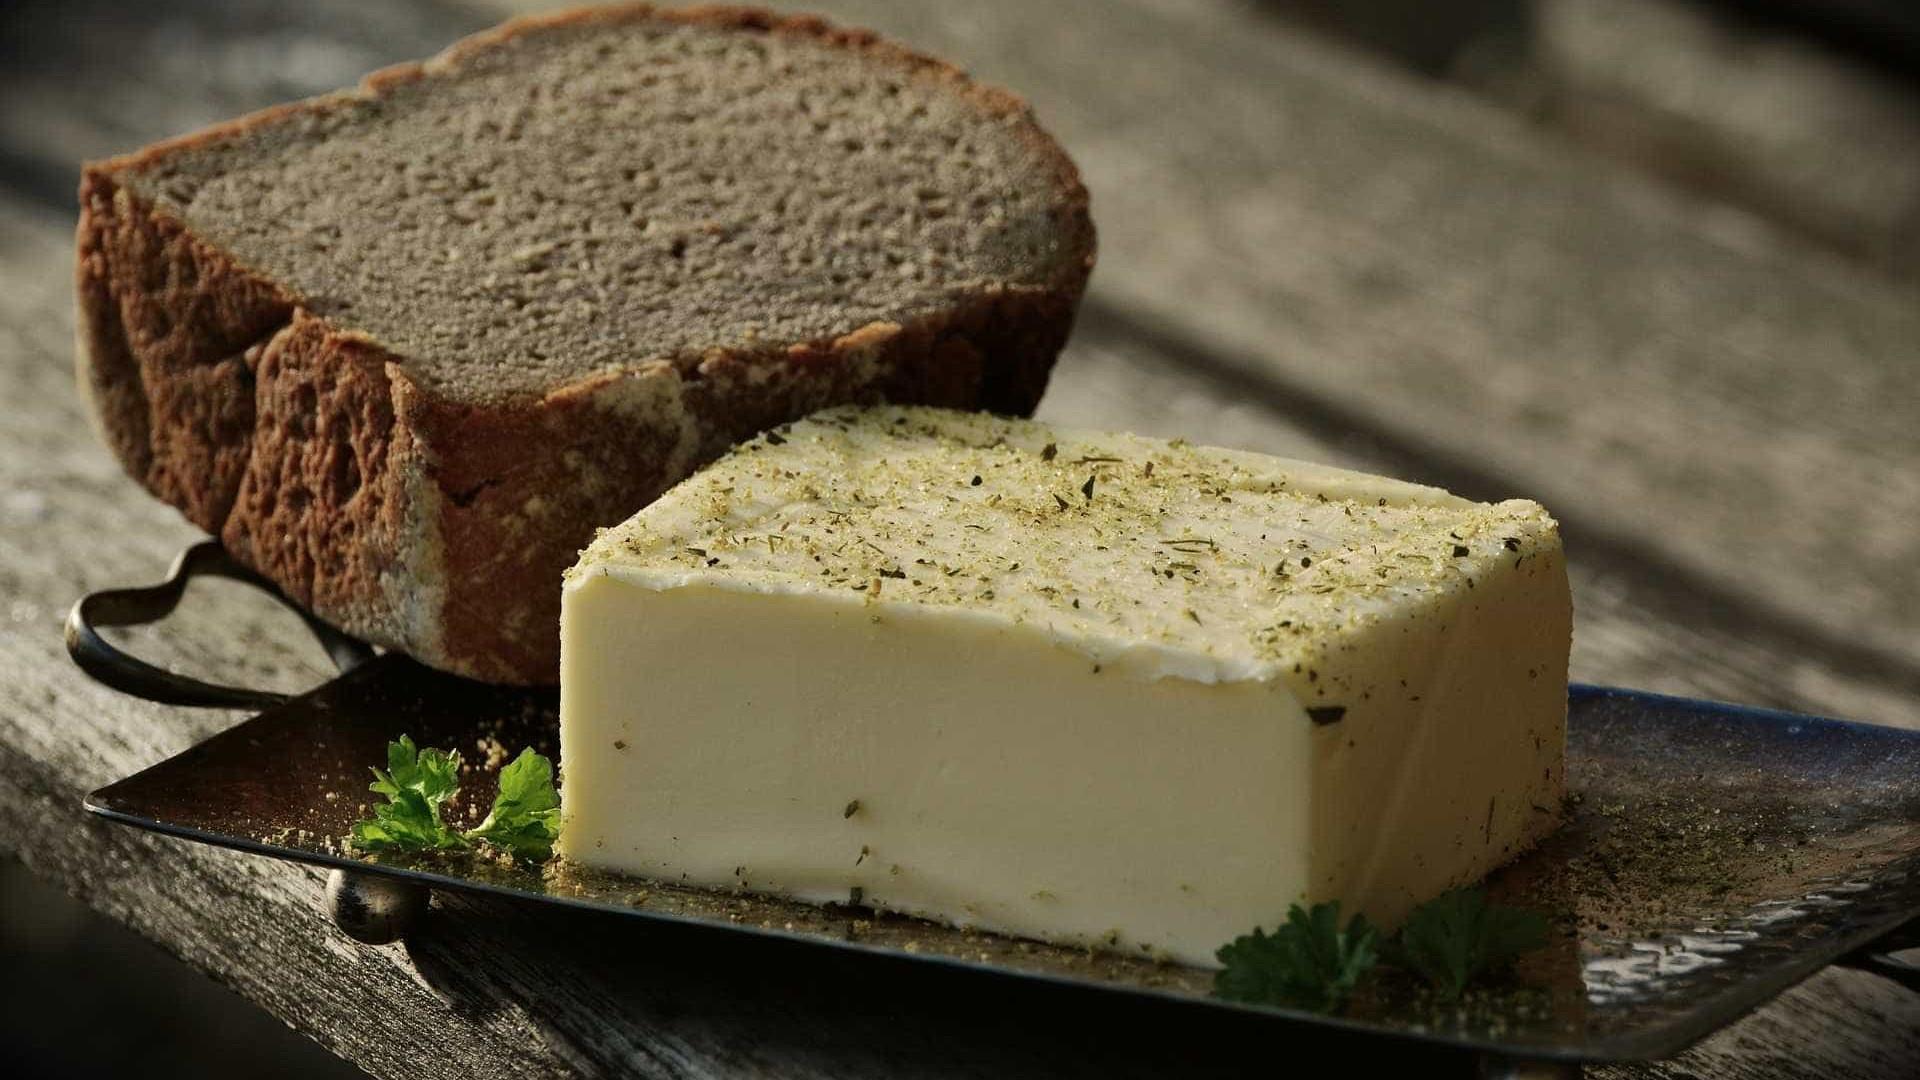 Aprenda a fazer manteiga caseira e tempere como você preferir